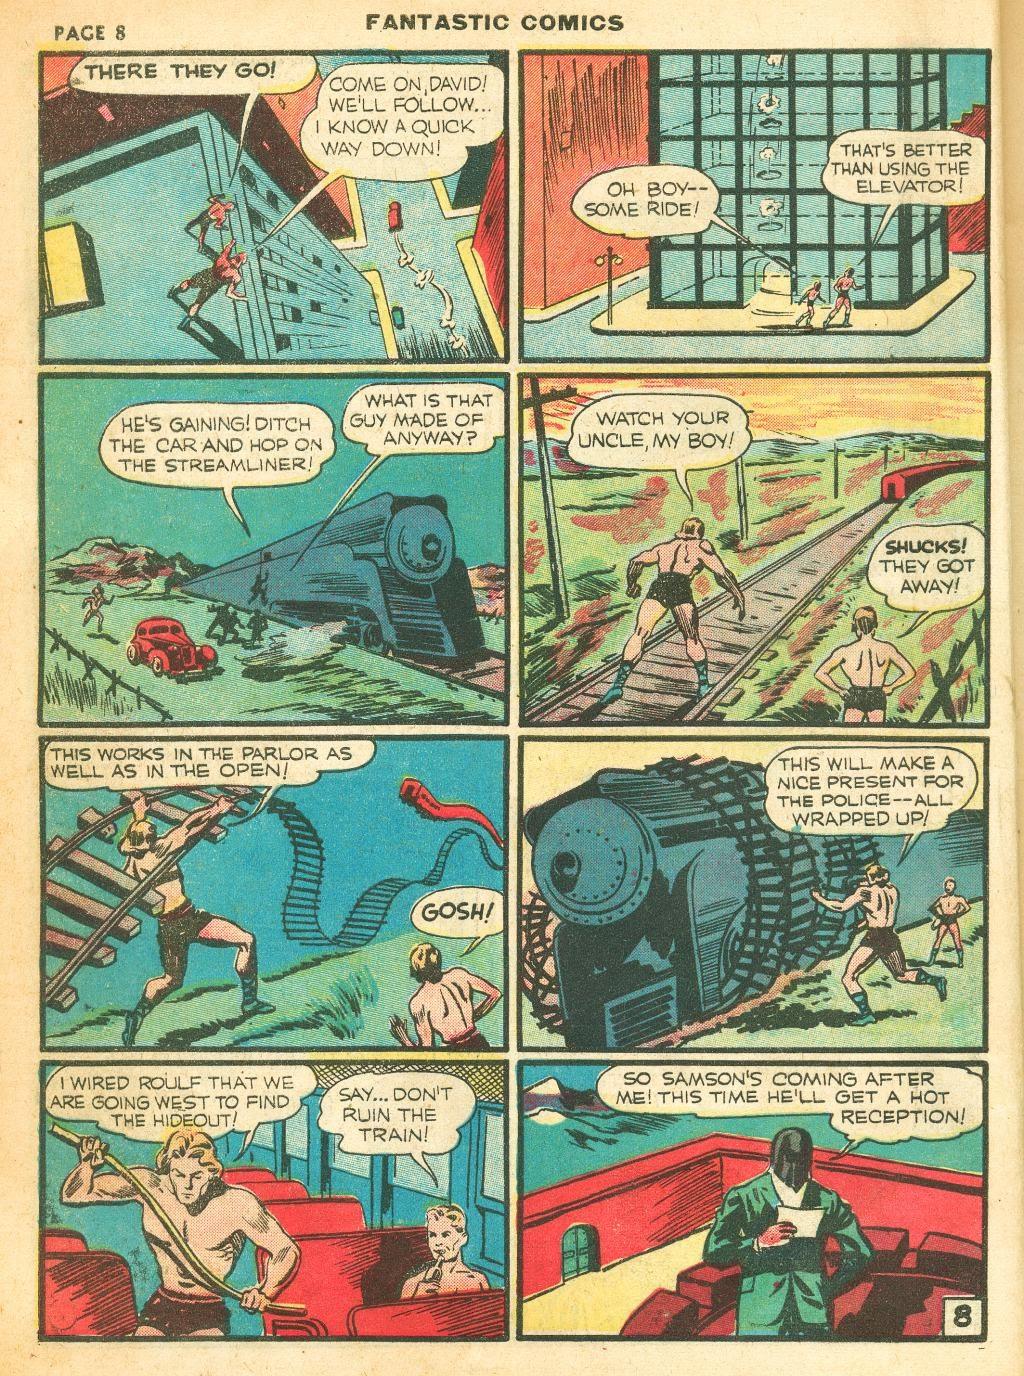 Read online Fantastic Comics comic -  Issue #12 - 10